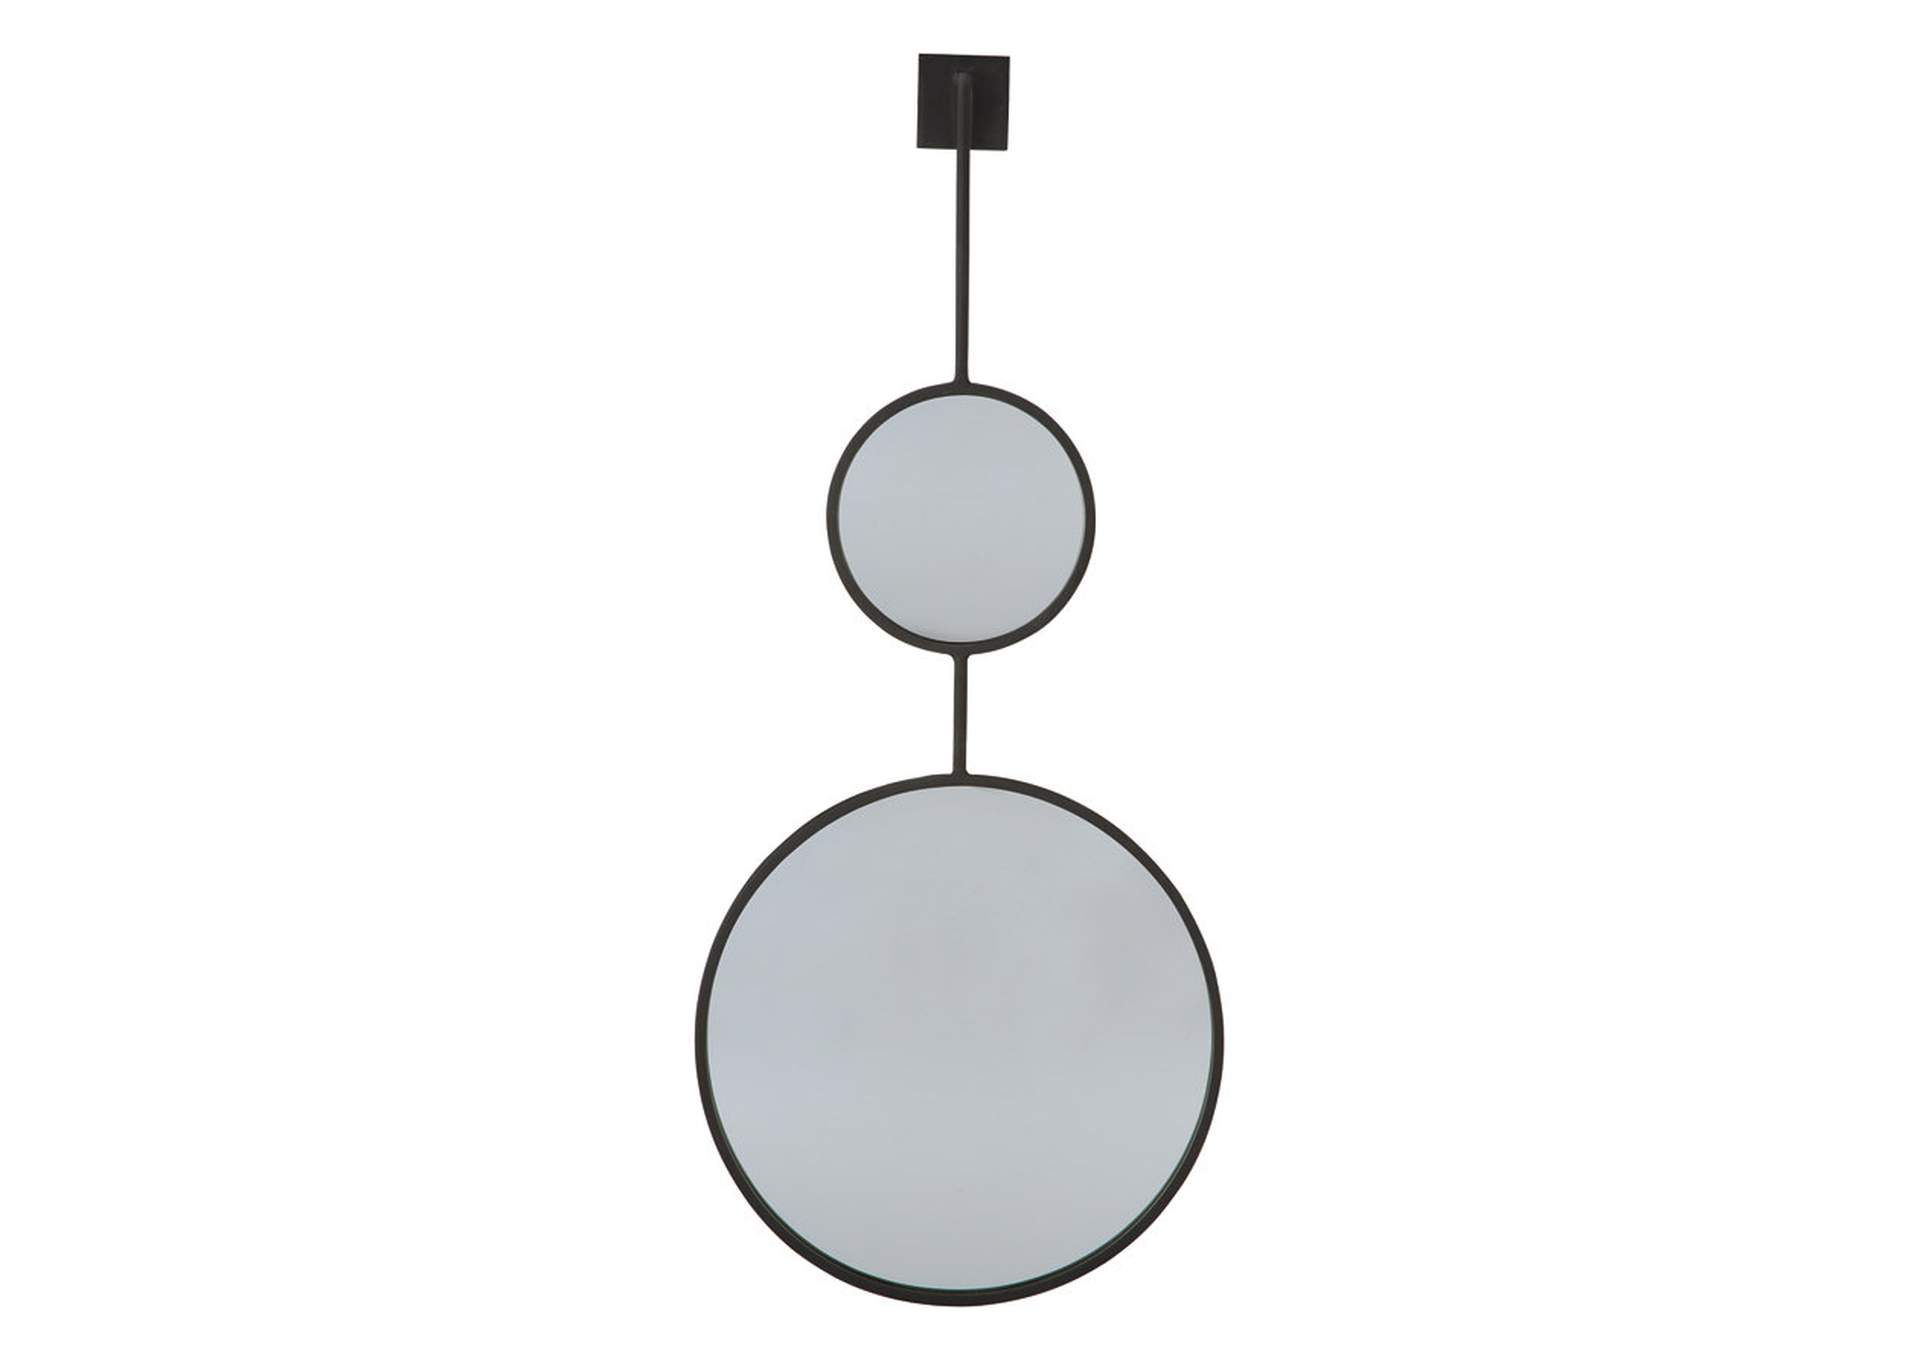 Brewer Стилизованное зеркало черного цвета